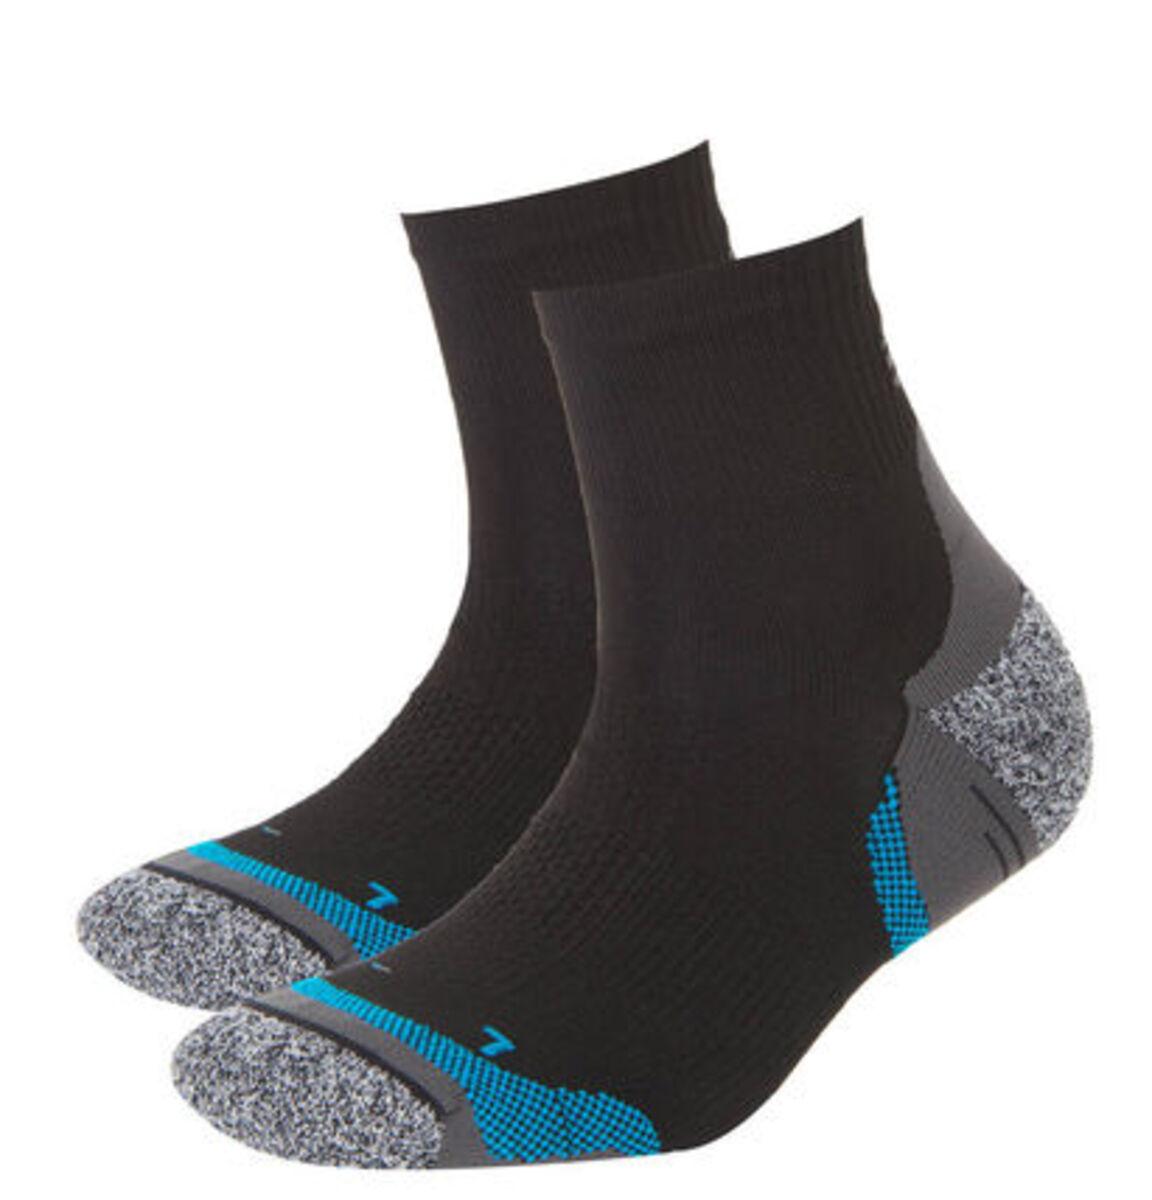 Bild 1 von manguun sports Laufsocken, 2er-Pack, Komfortbund, Achillessehnen-Schutz, blau/schwarz/grau, 43-46